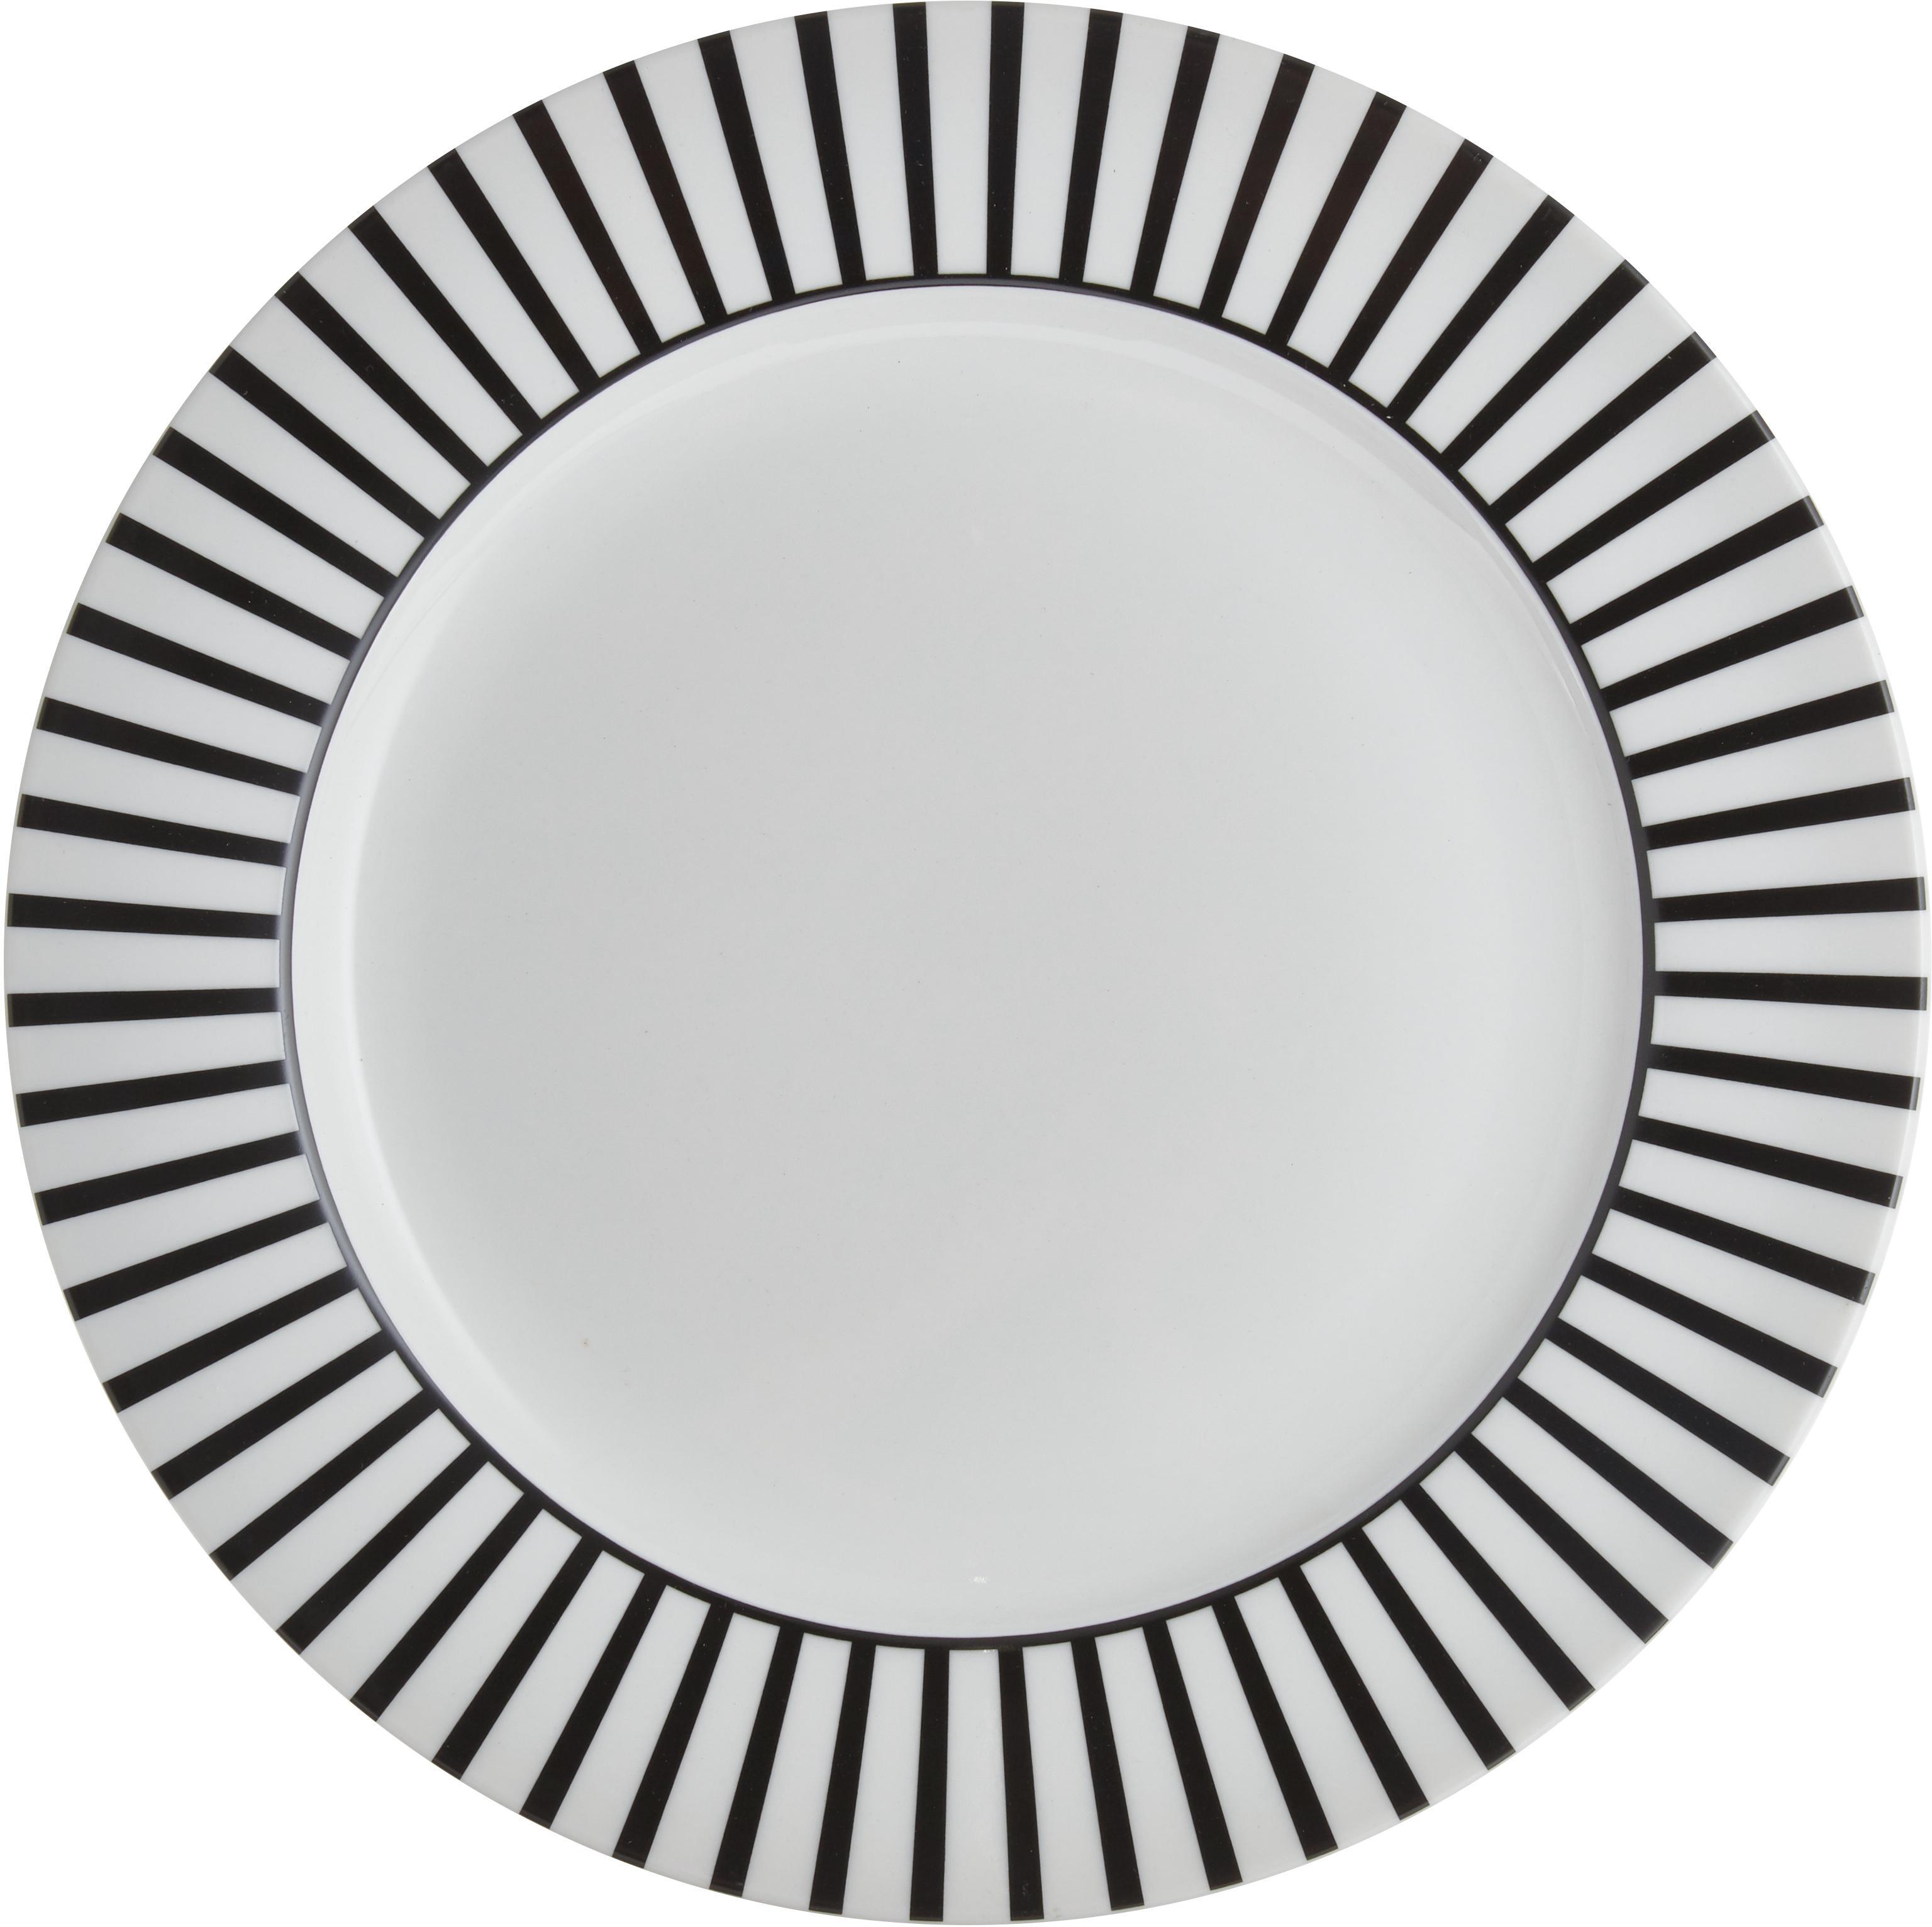 Bajoplatos Ceres Loft, 4uds., Porcelana, Blanco, negro, Ø 30 x Al 2 cm